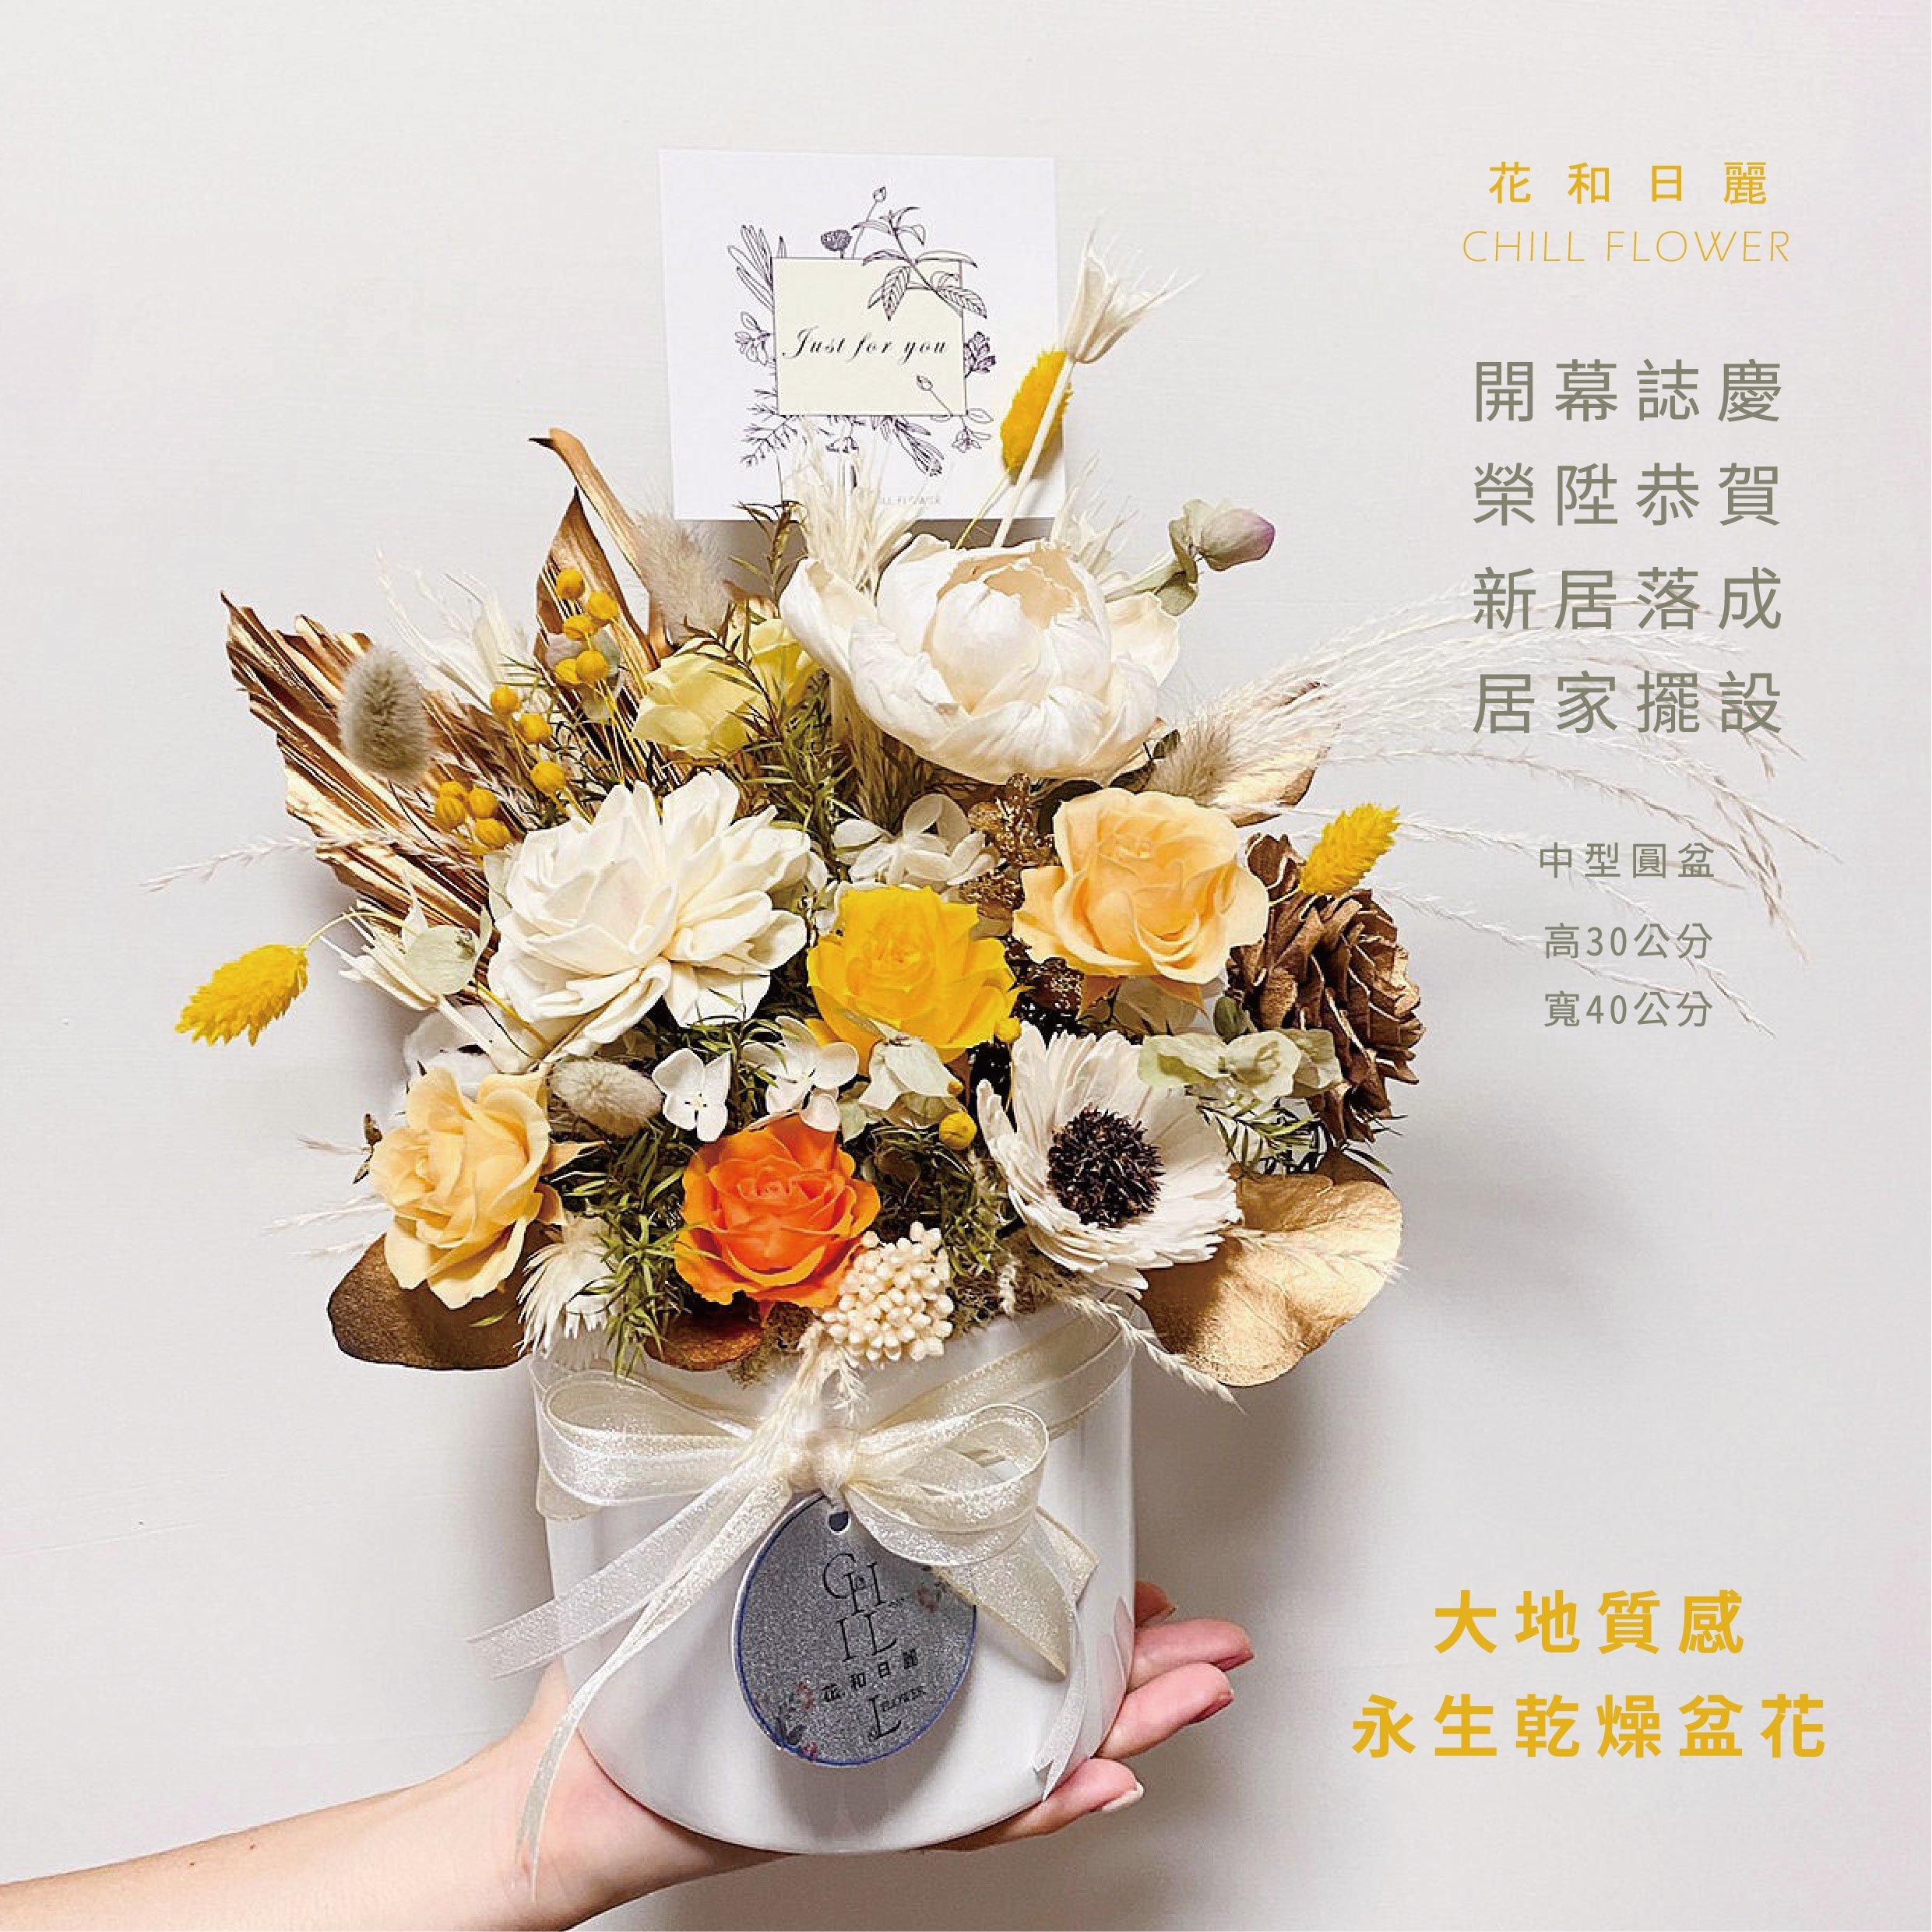 開幕誌慶盆花